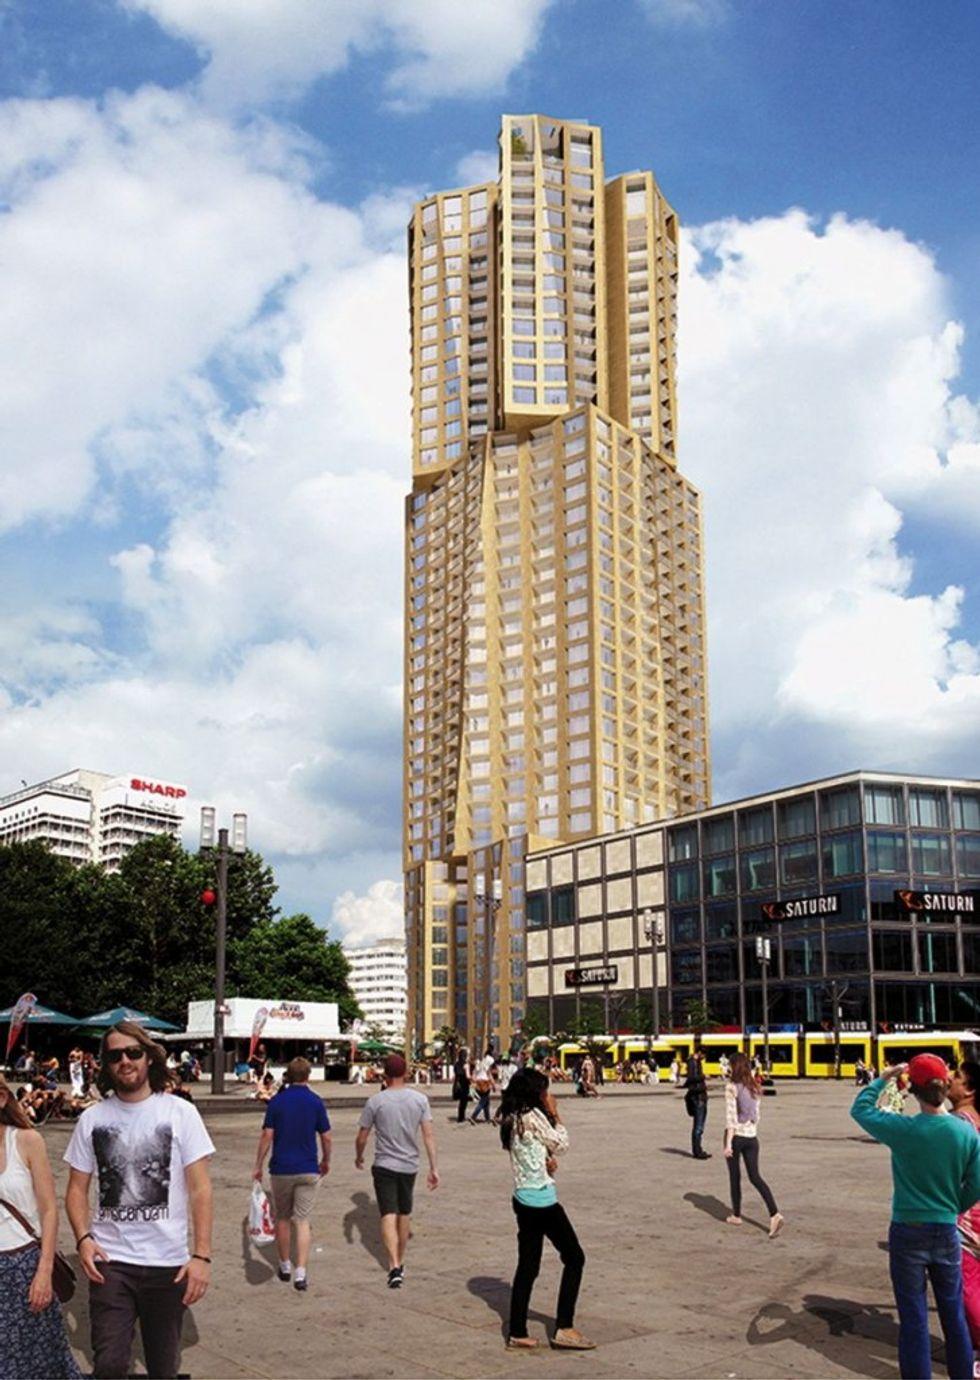 Frank Gehry costruisce un grattacielo ad Alexanderplatz. La Berlino che fu sempre più cancellata